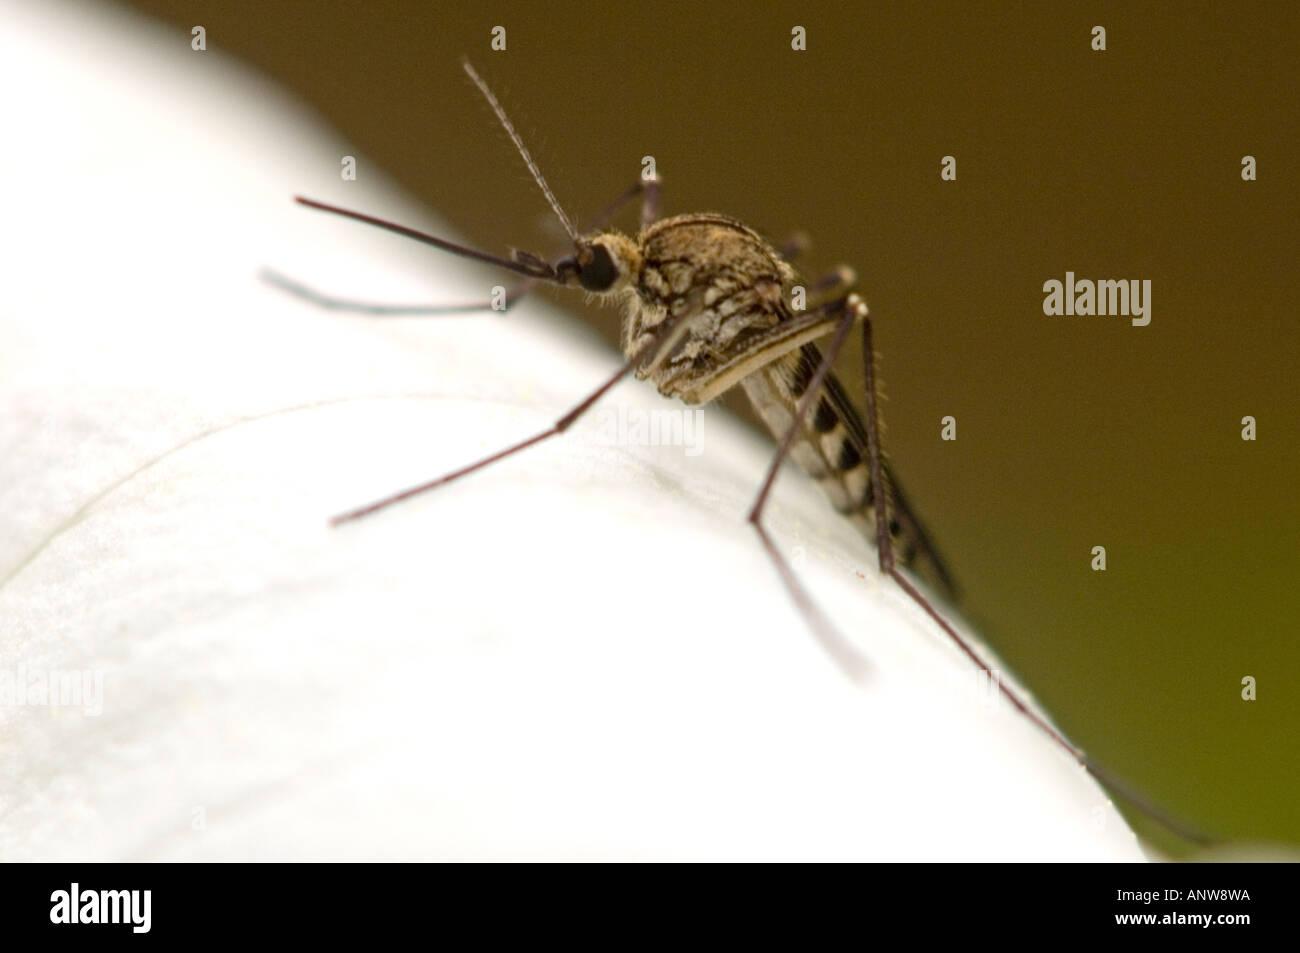 Mosquito resting on trillium flower Ontario - Stock Image